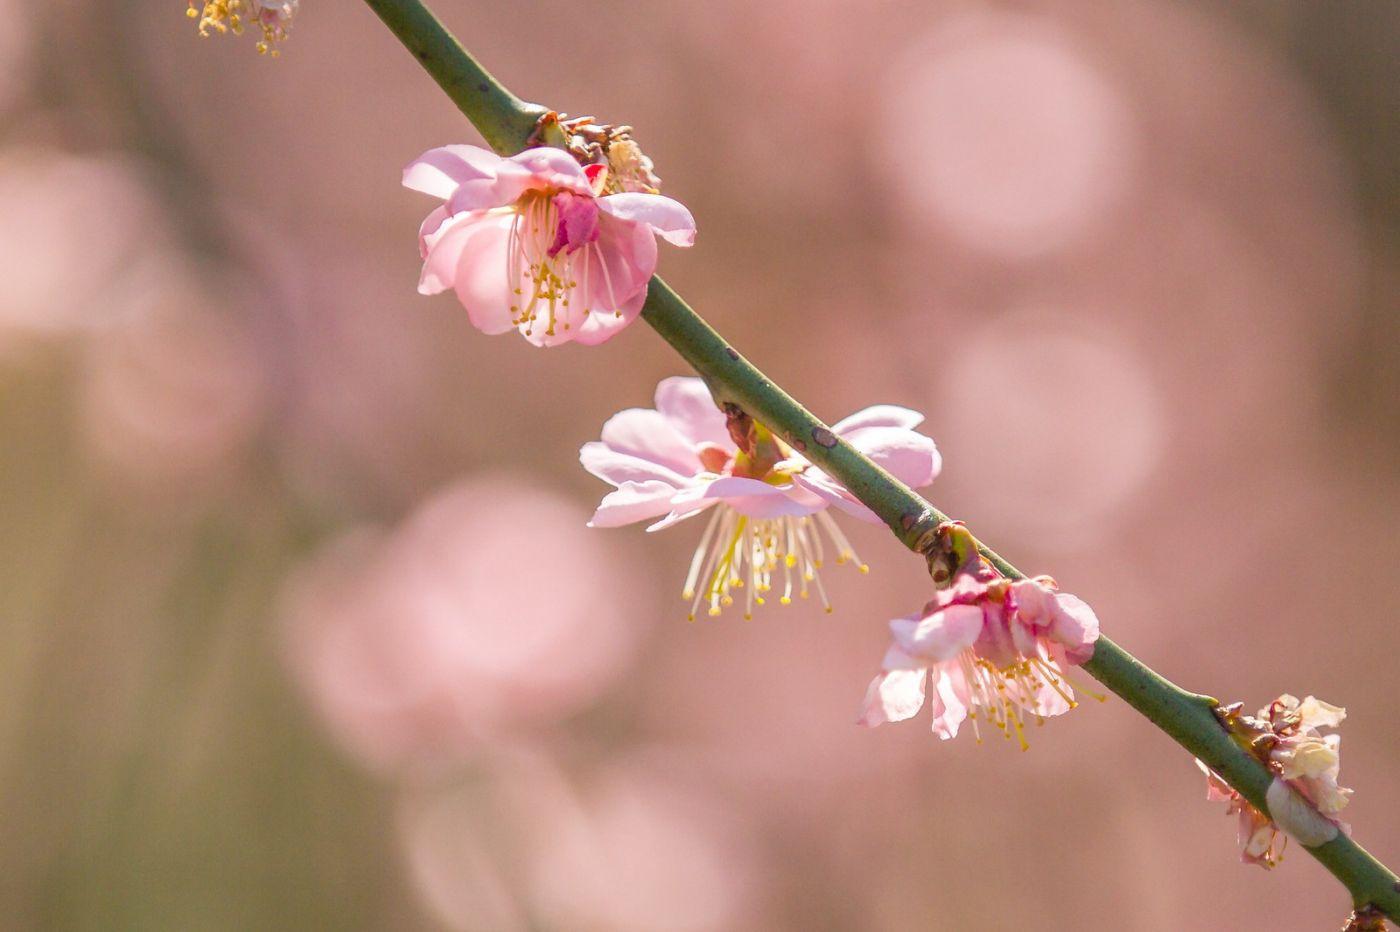 粉红的水嫩的,好看极了_图1-33